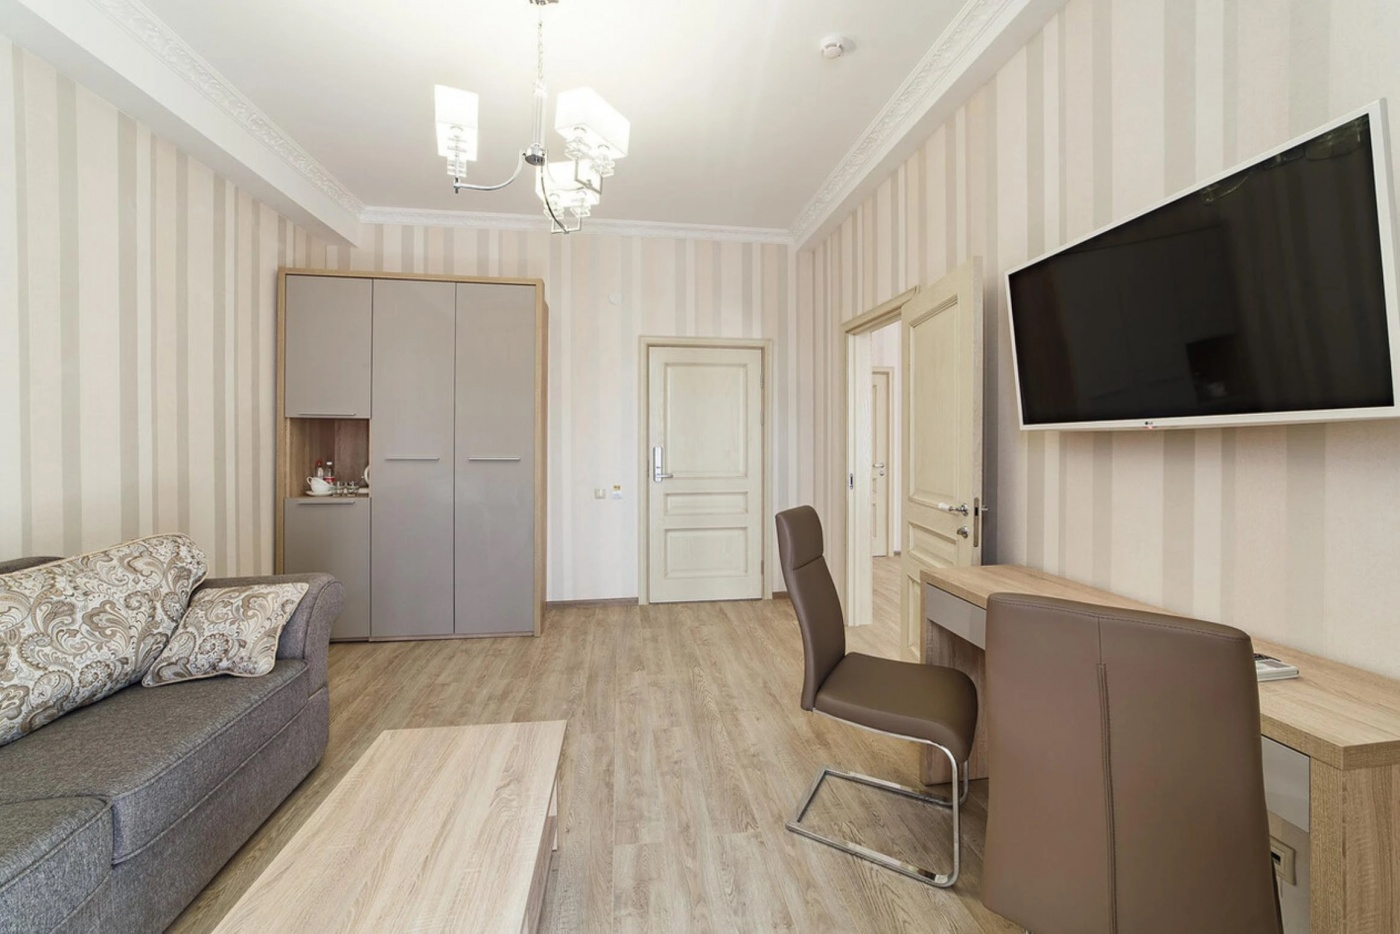 Отель «Alean Family Hotel Usadba 4*» Краснодарский край Люкс 2-комнатный , фото 3